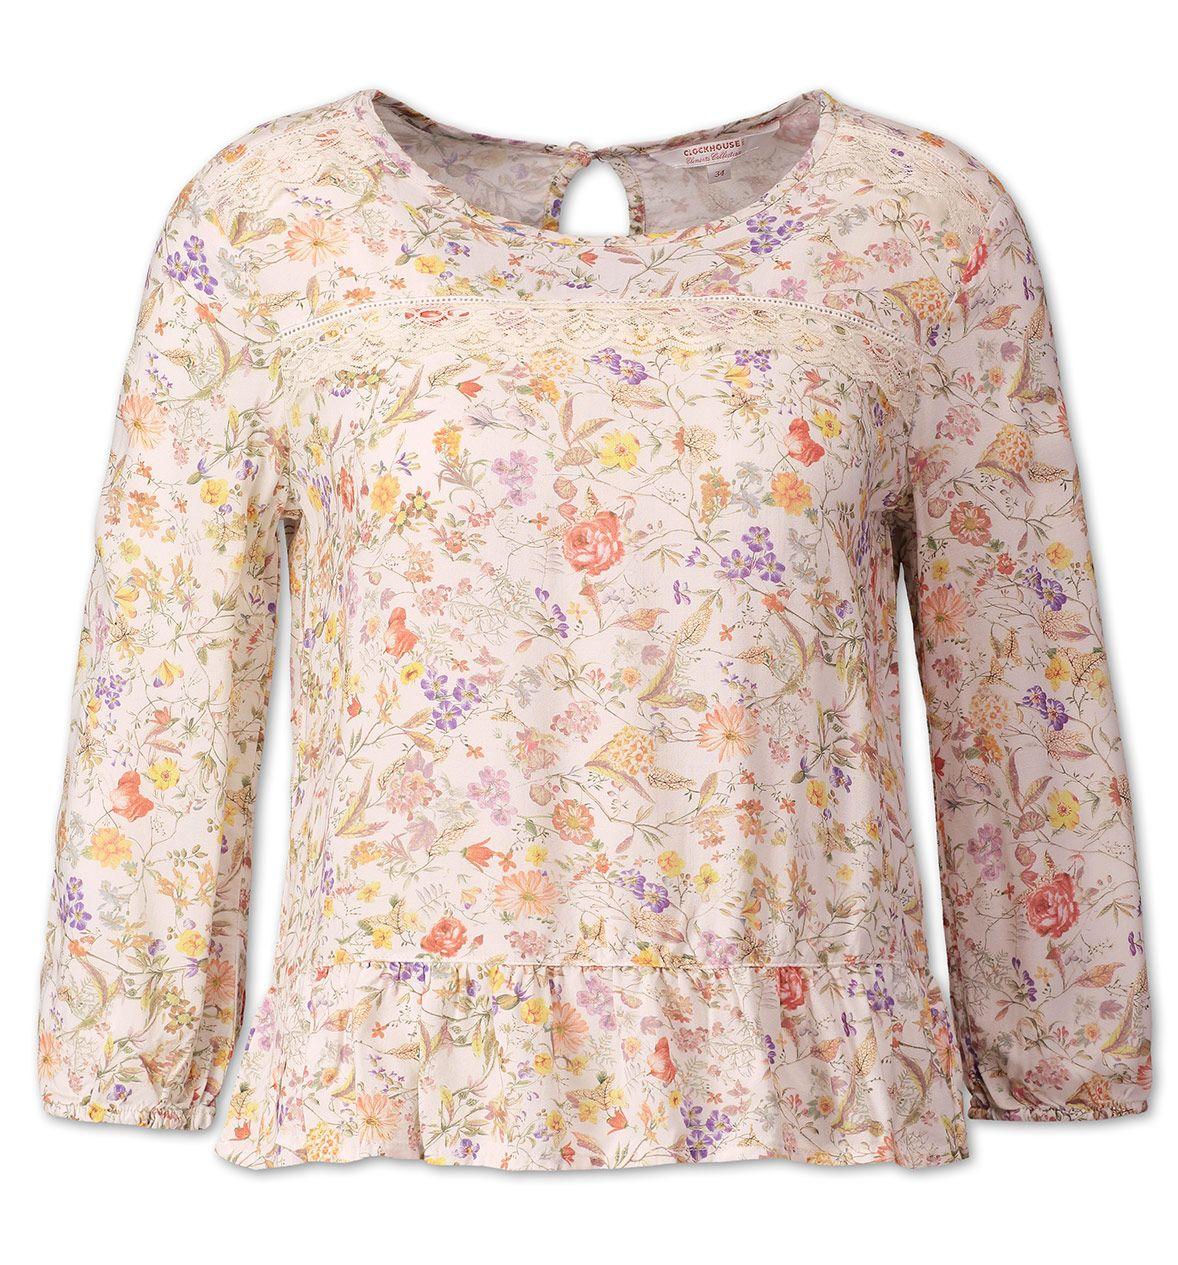 Bluse mit Blumenmuster in cremeweiß